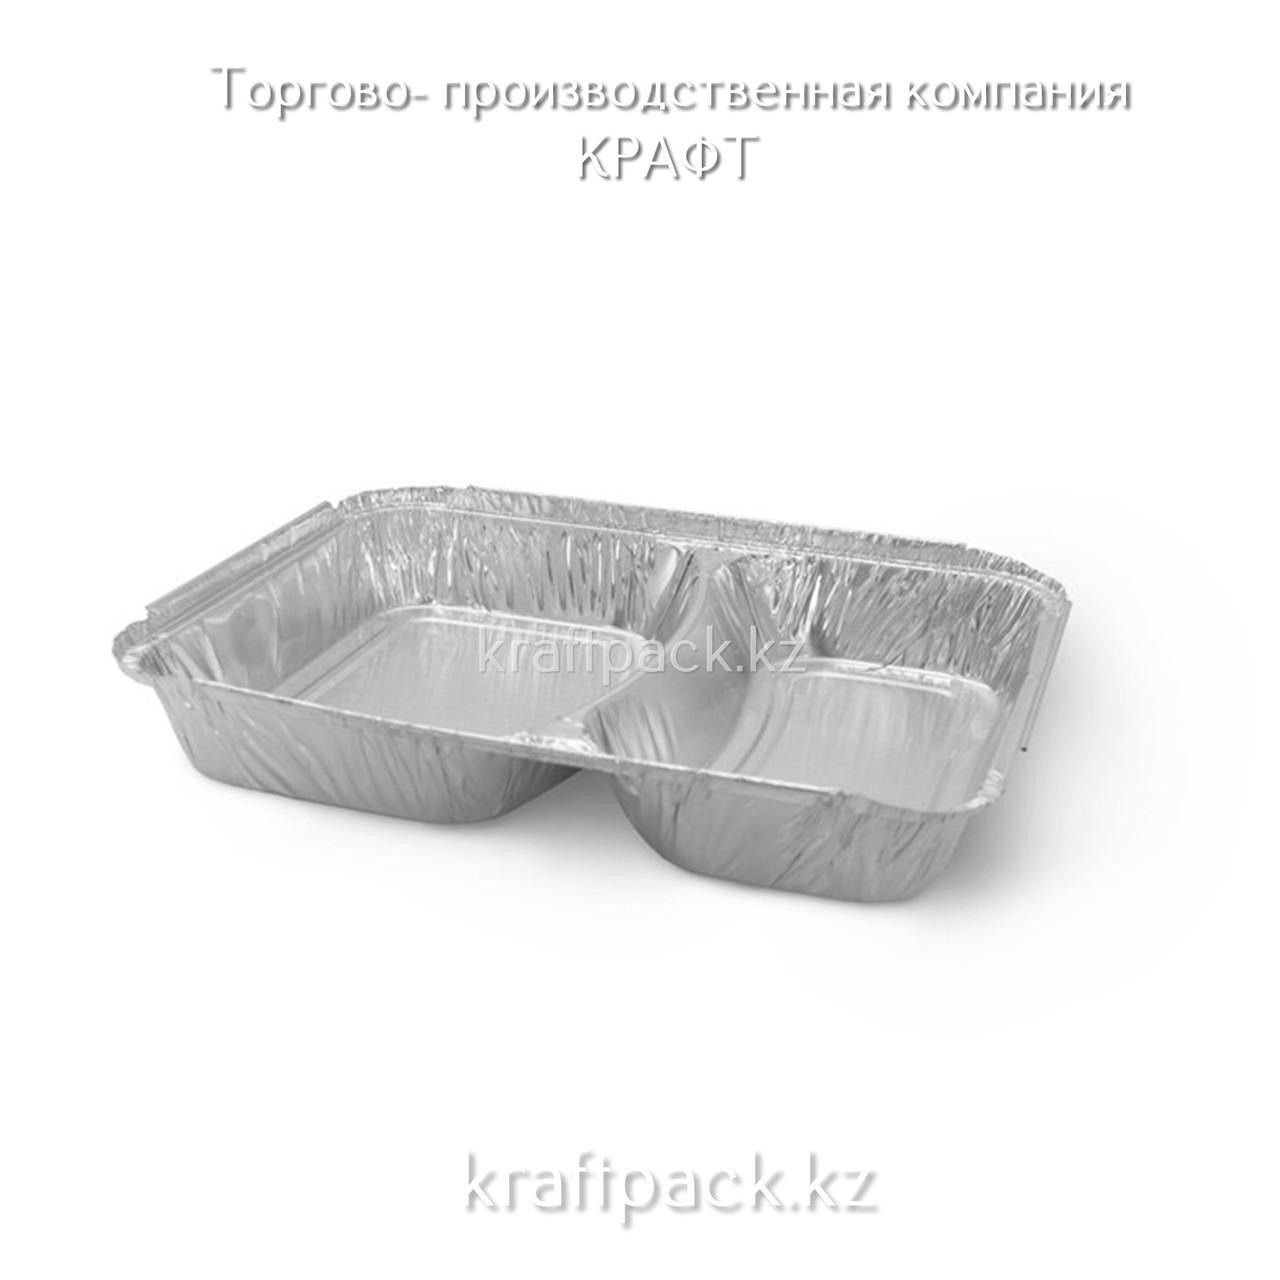 Контейнер с крышкой, Фольгированный, 2-секционный 840 мл (100/400)